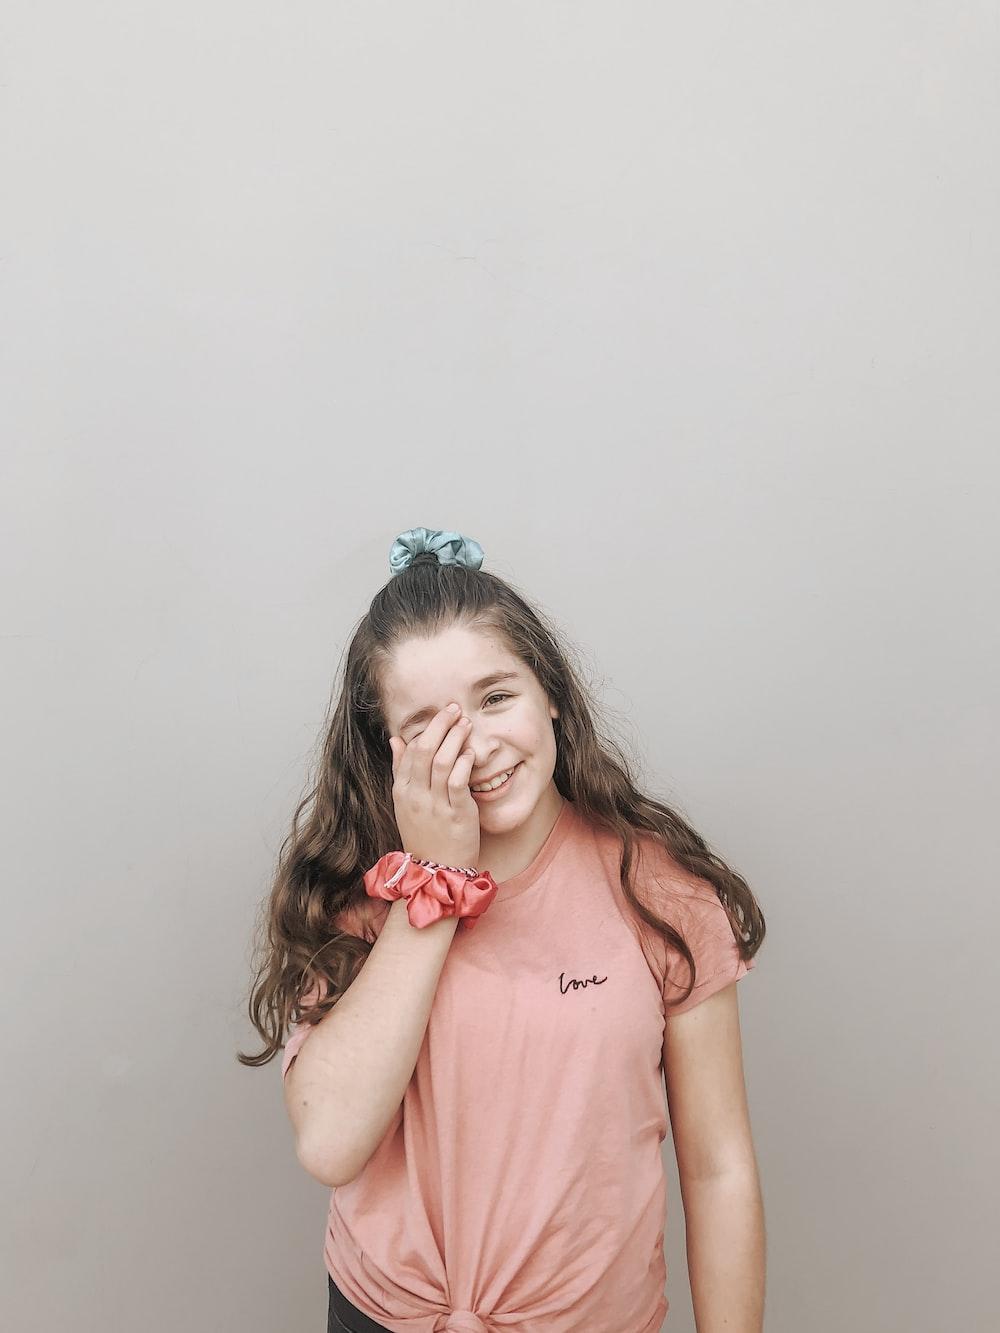 smiling girl wearing pink sleeveless top